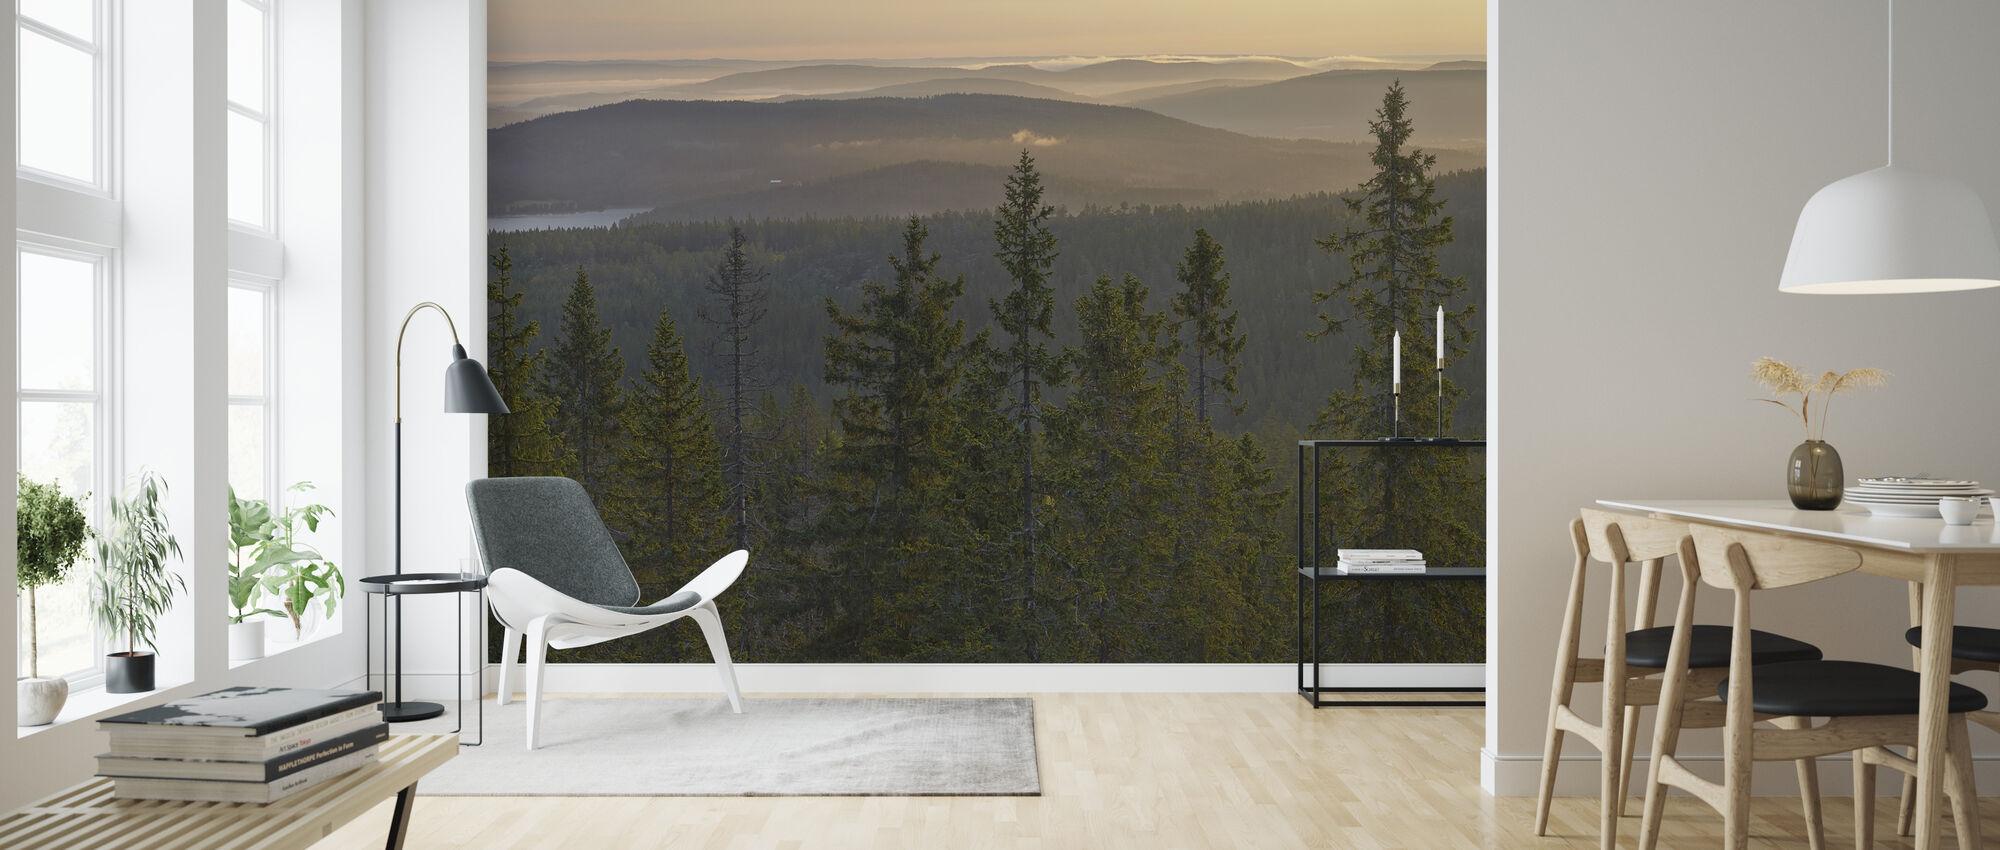 Skuleskogen National Park Spruces, Sweden - Wallpaper - Living Room